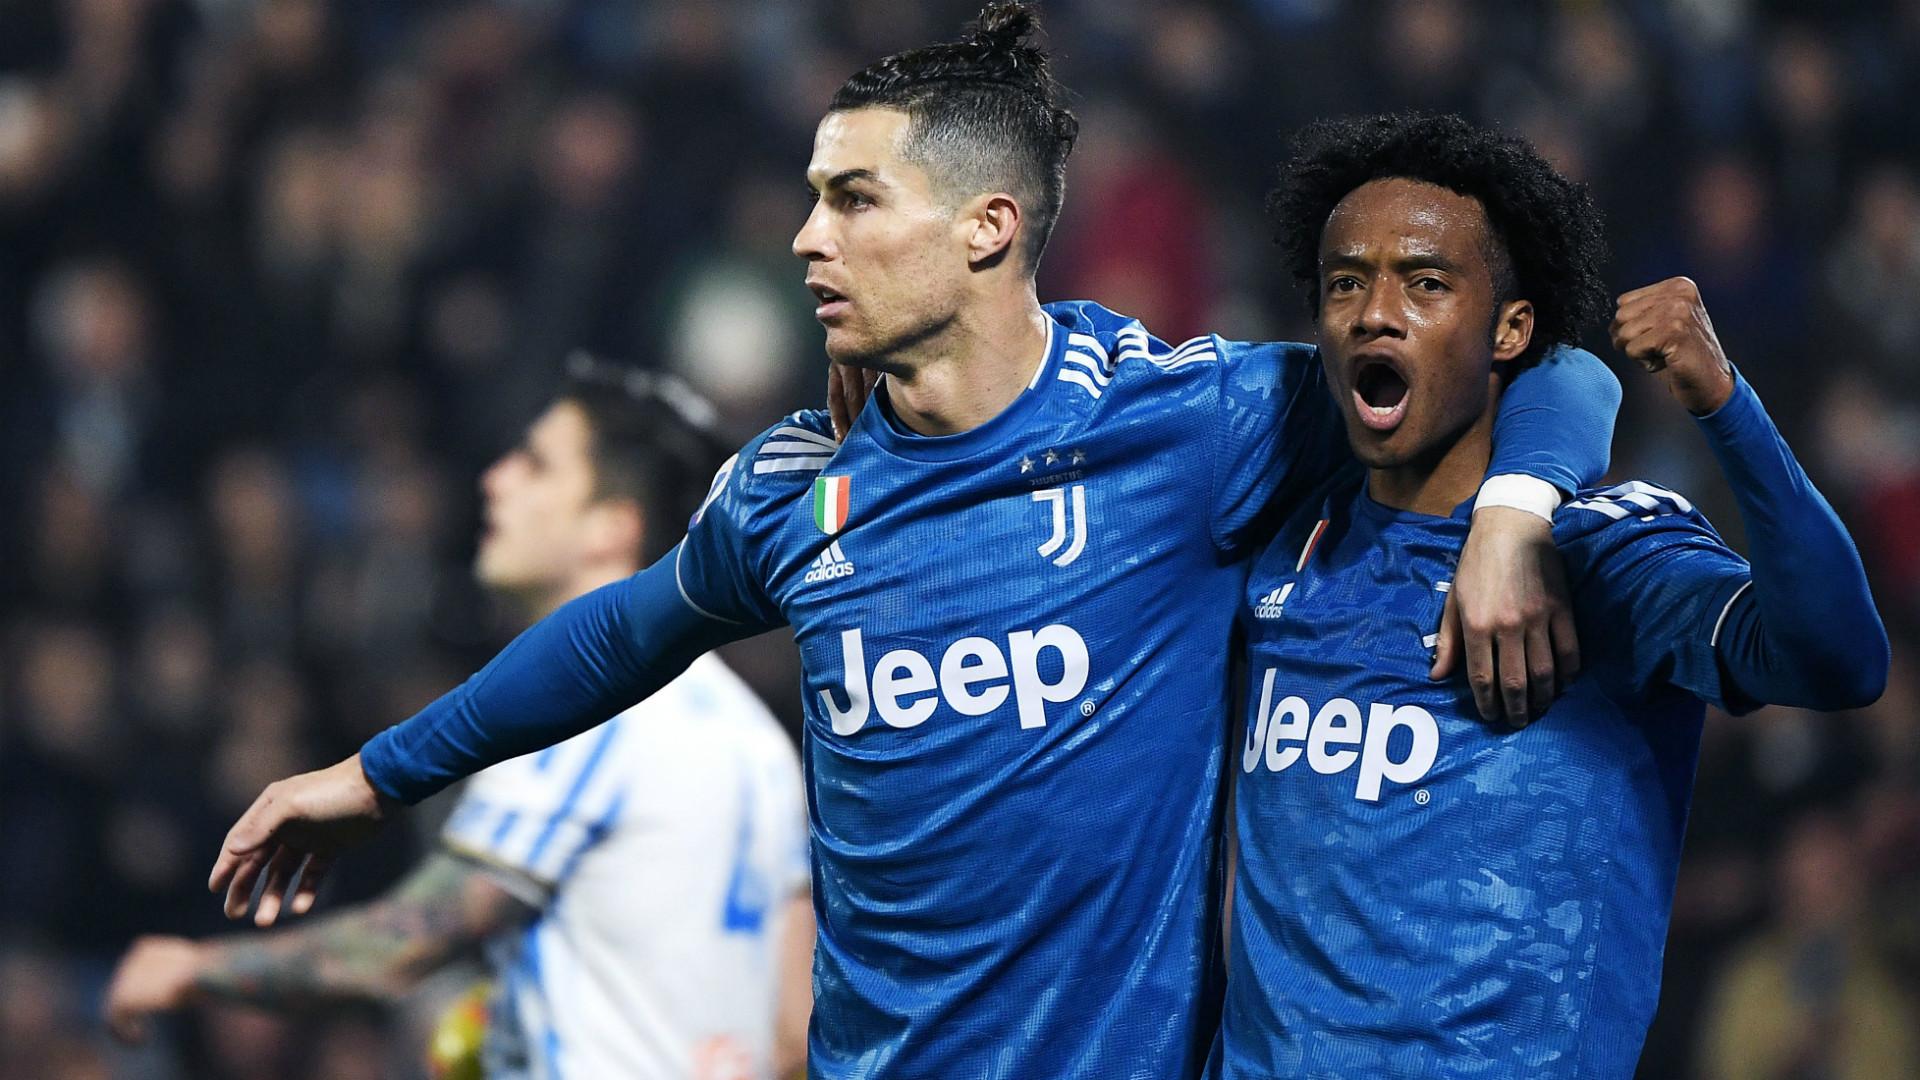 Photo of Cristiano iguala a Batistuta y Quagliarella con 11 partidos seguidos marcando